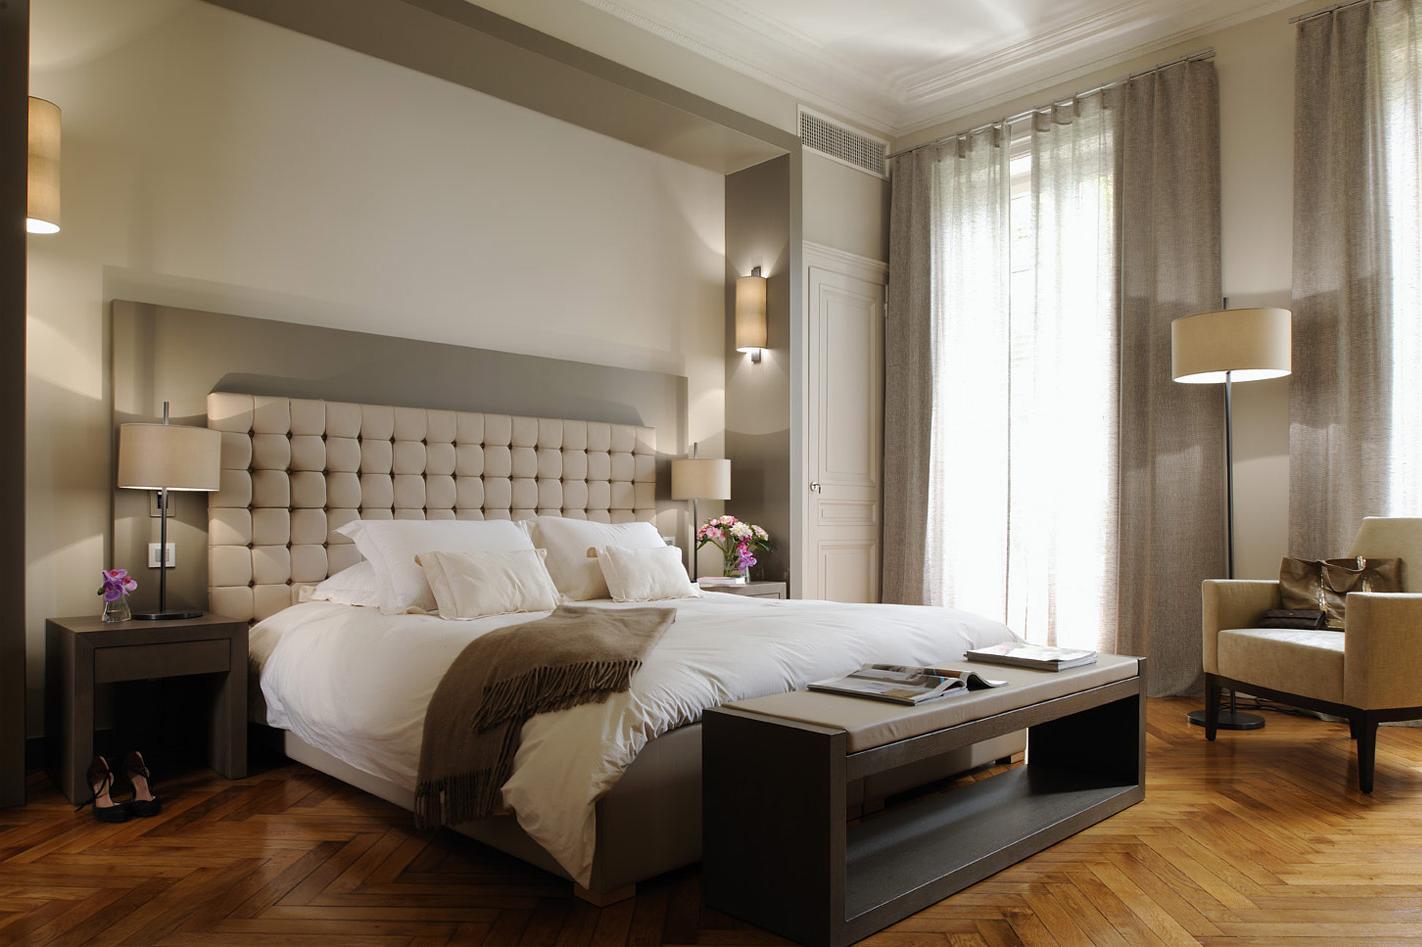 Ремонт спальни своими руками – создаем уют бюджетным методом